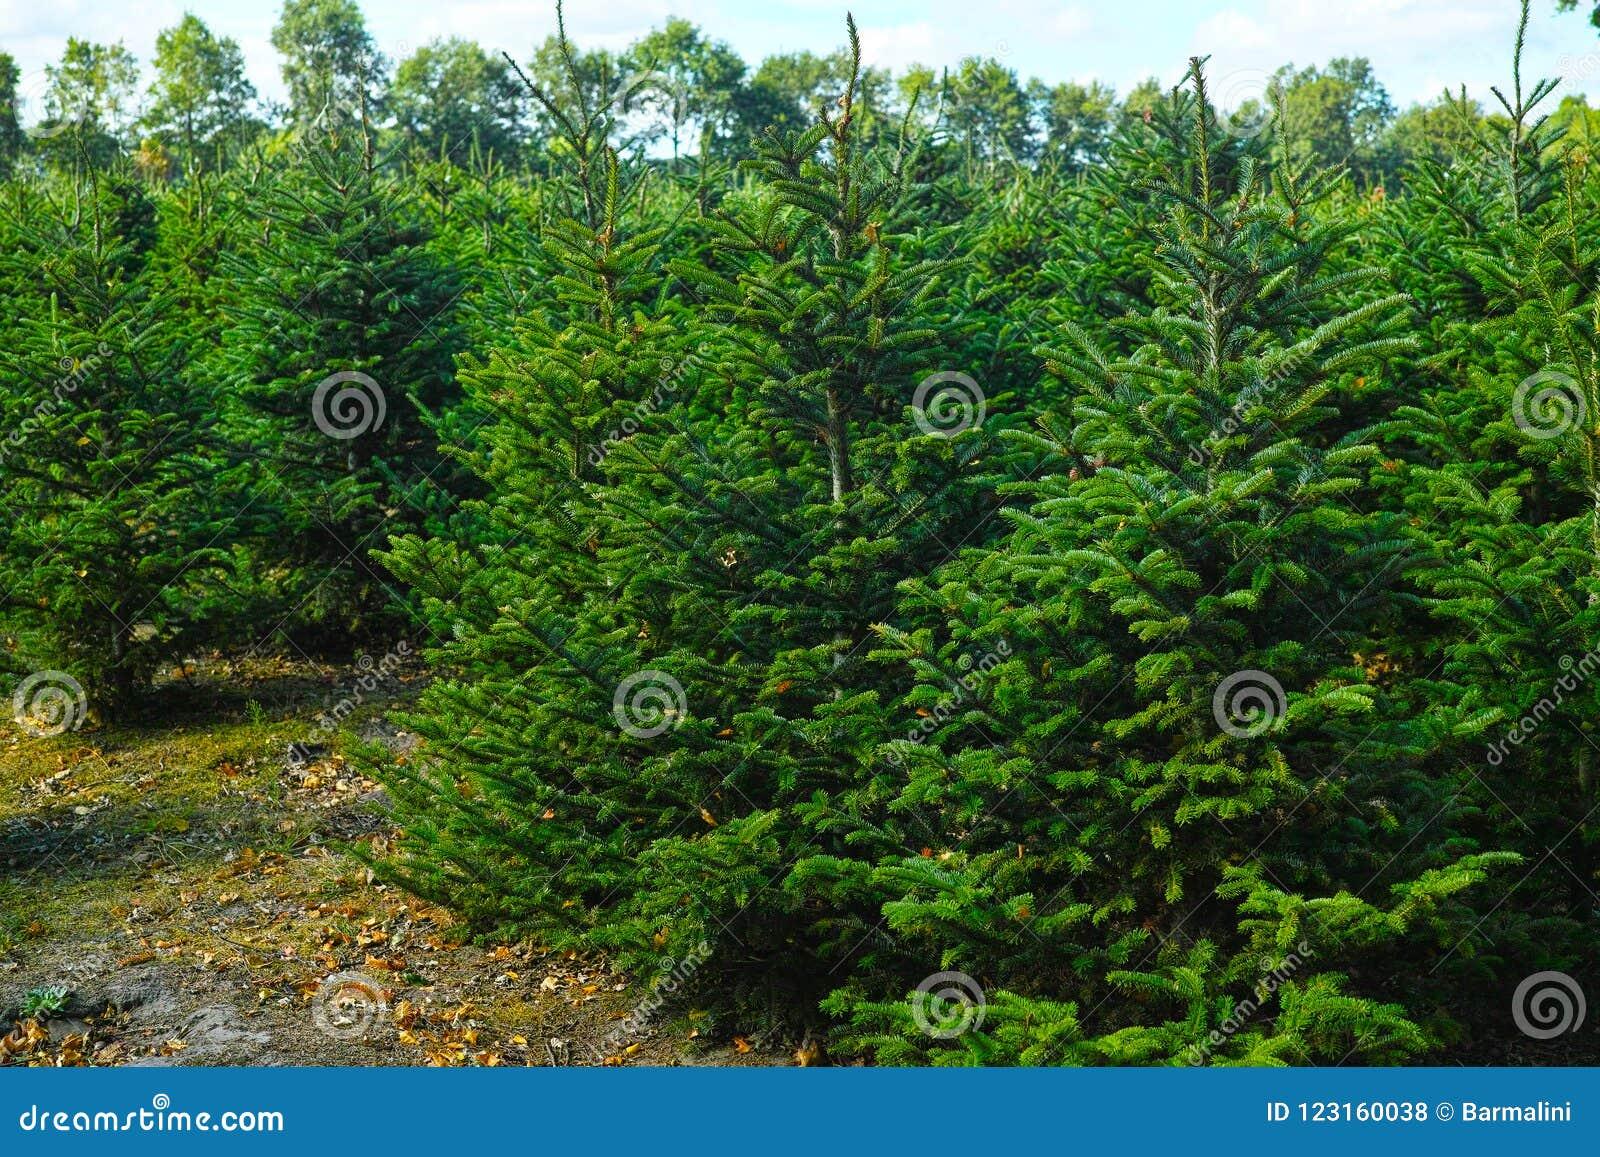 Plantatnion Of Young Green Fir Christmas Trees, Nordmann Fir And ...